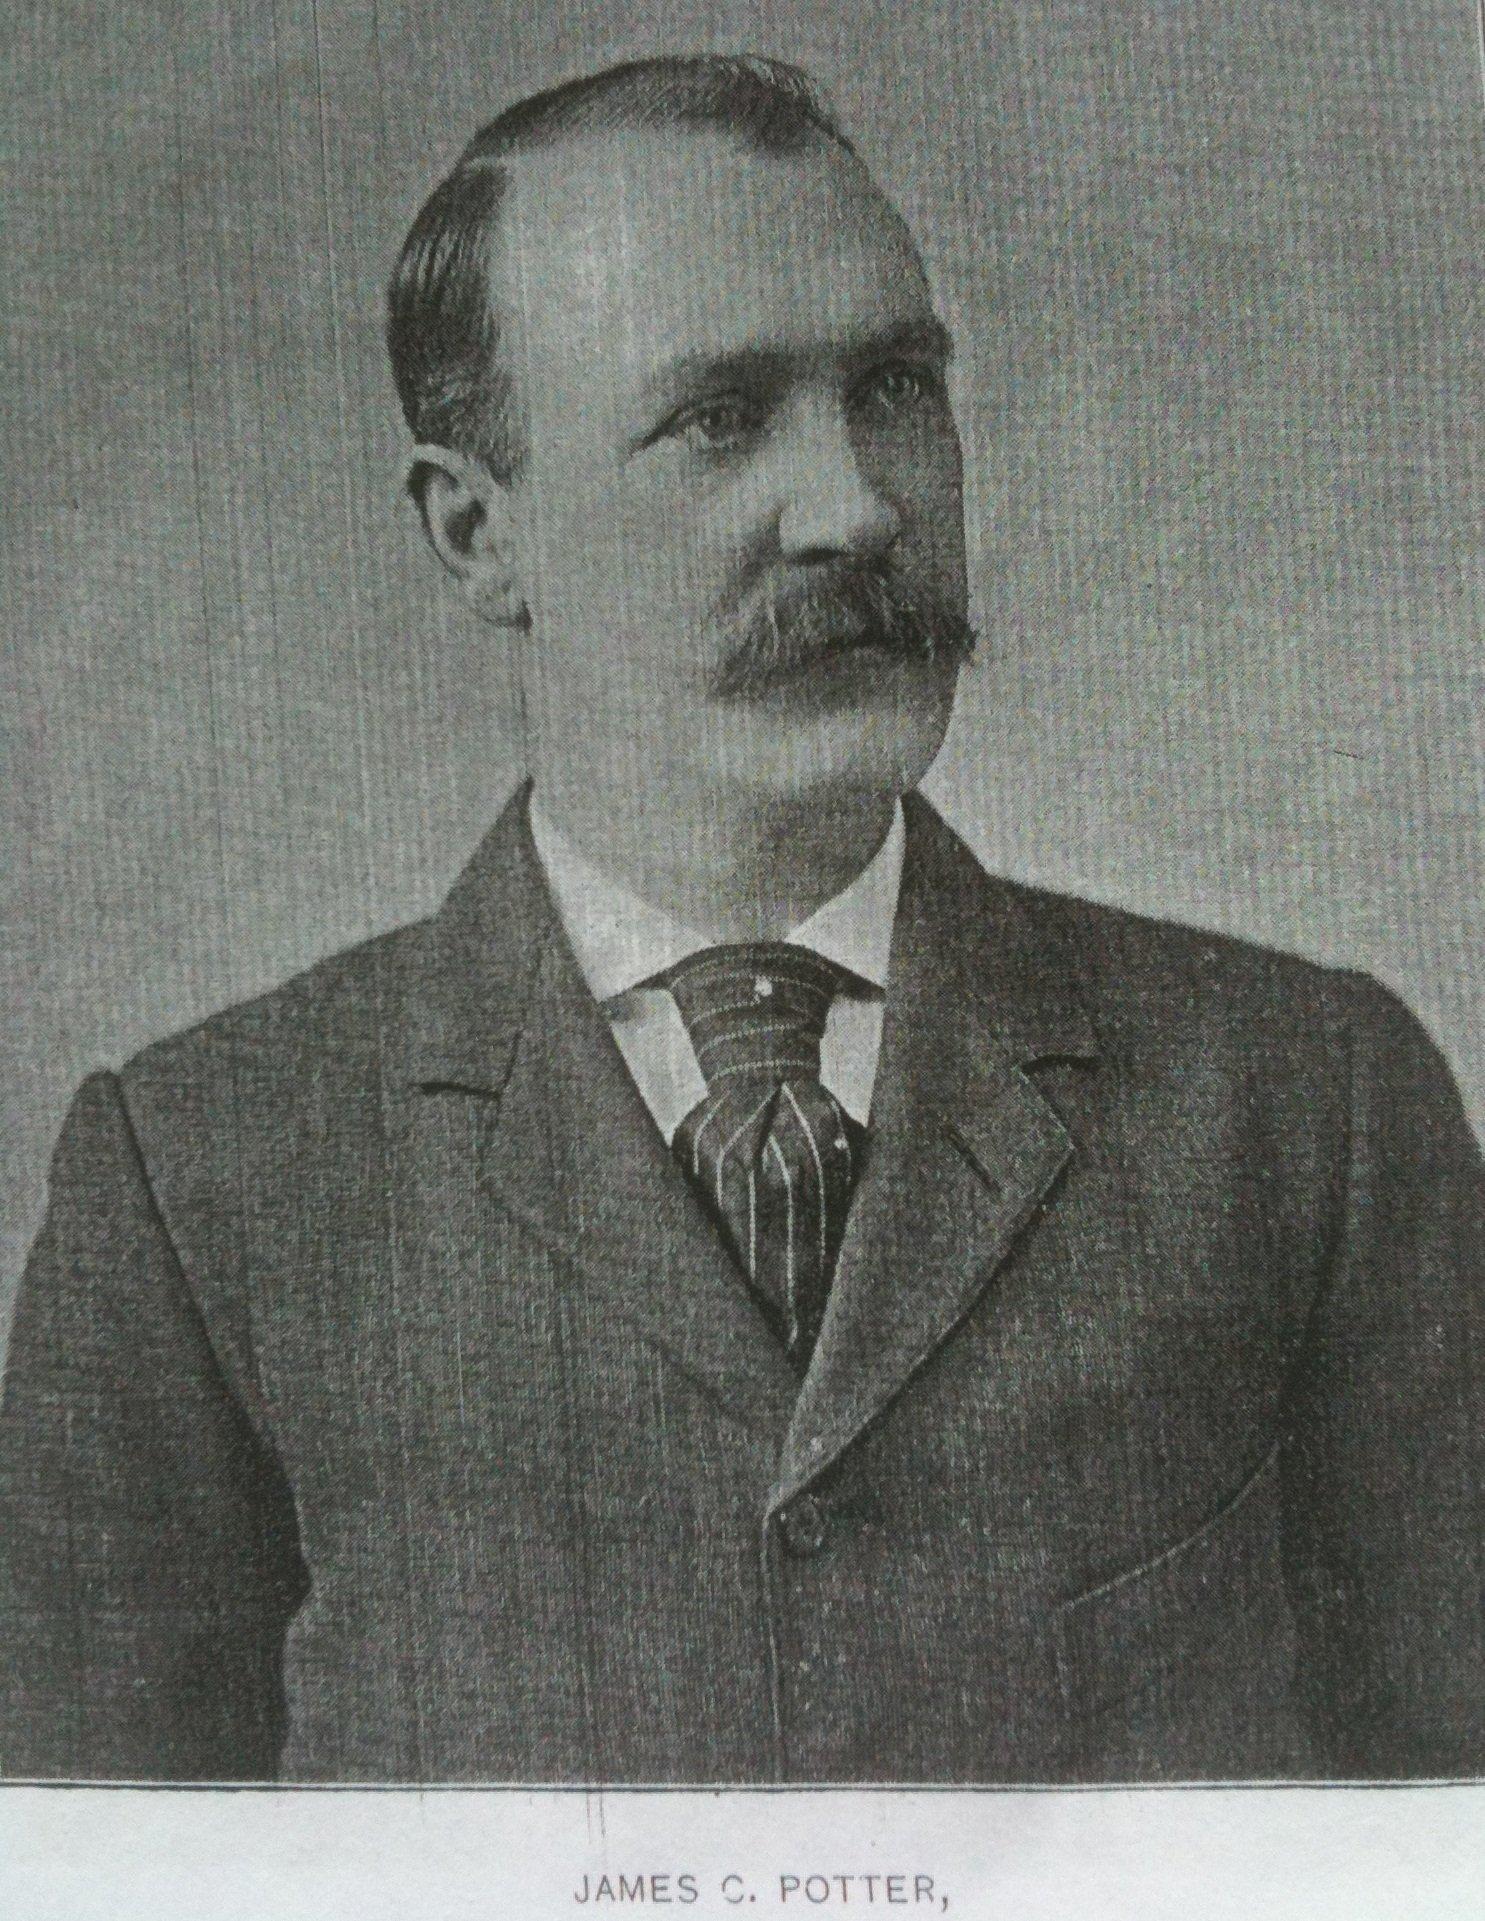 Pawtucket's original Mr. P., James C. Potter.